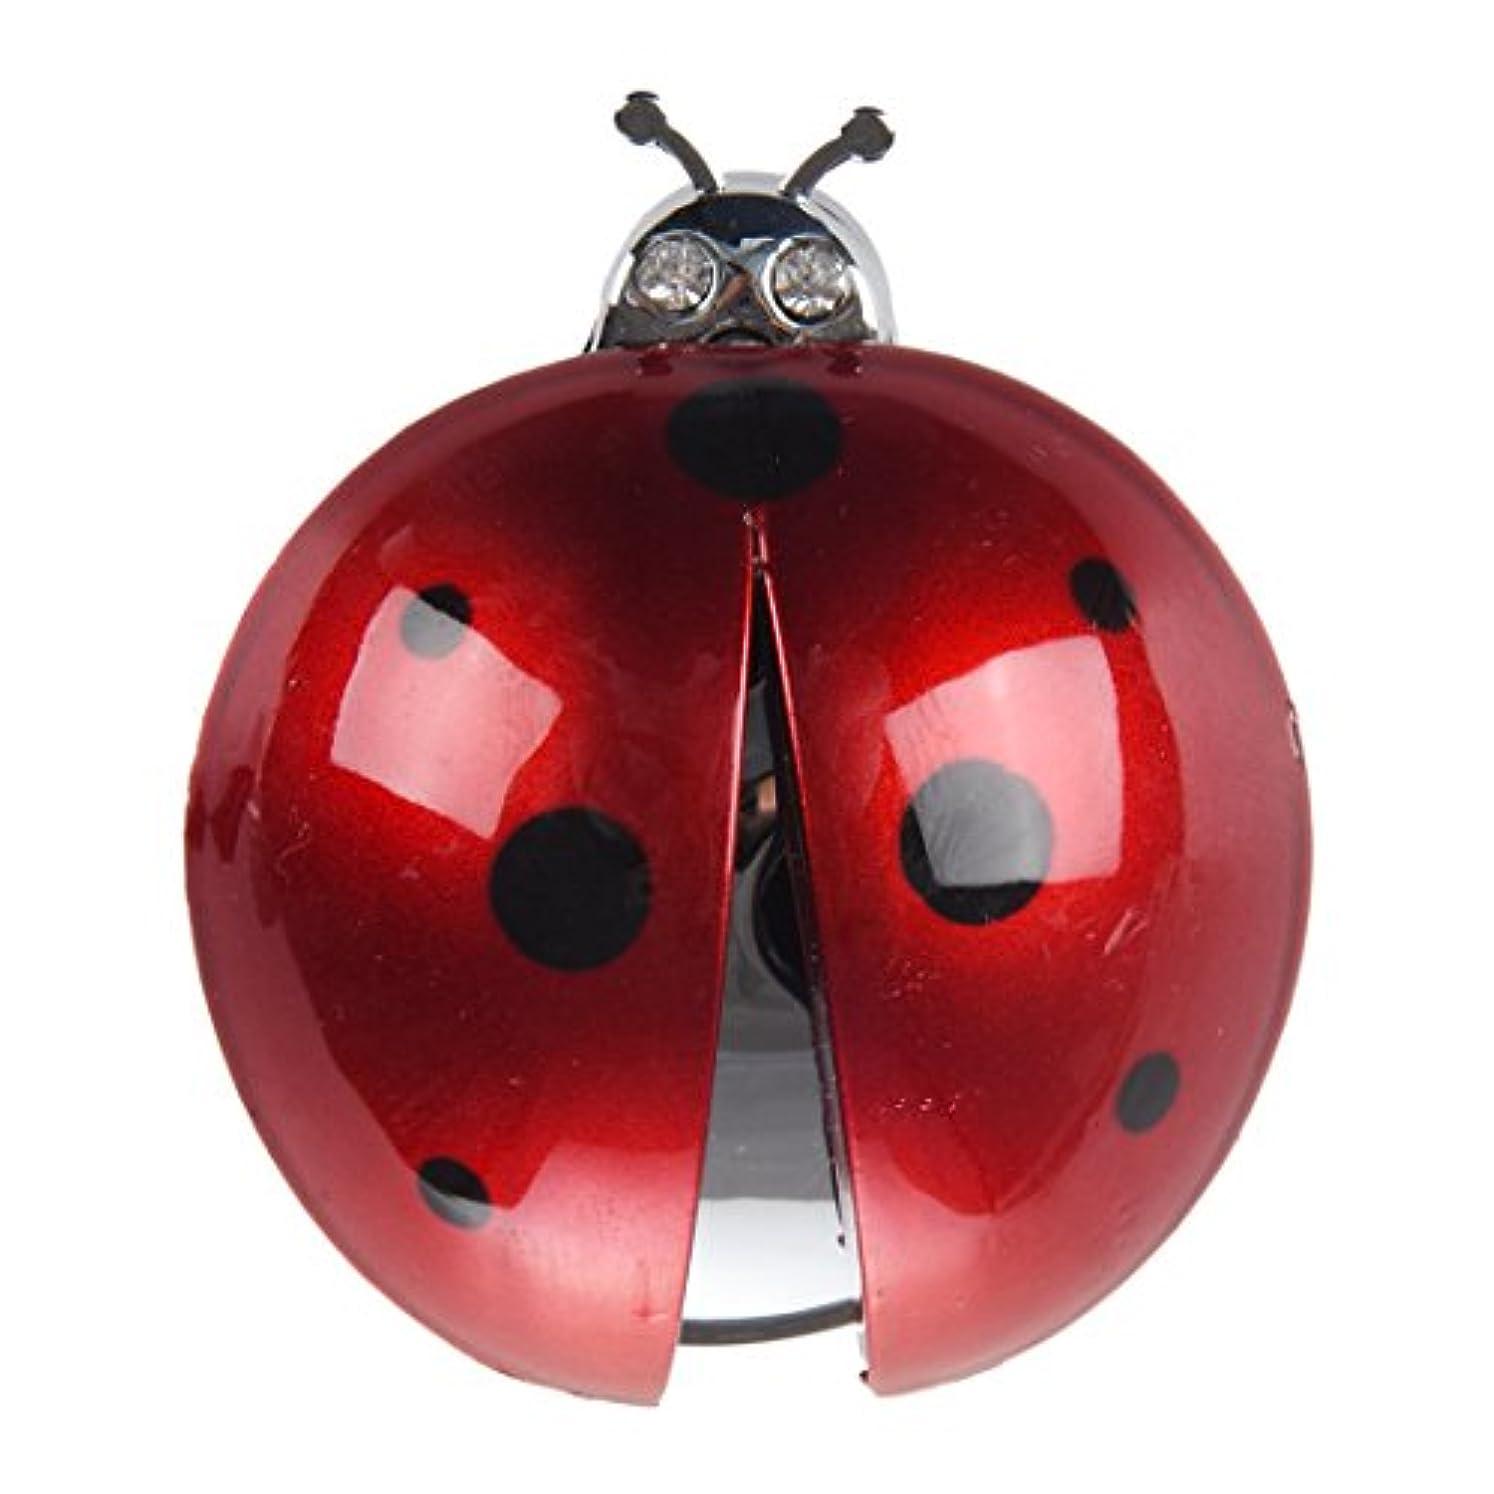 アフリカ偶然の仲良しNaliovker Naliovker(R)車の空気ベント てんとう虫のデザイン フレグランス 清浄 芳香 ダークレッド